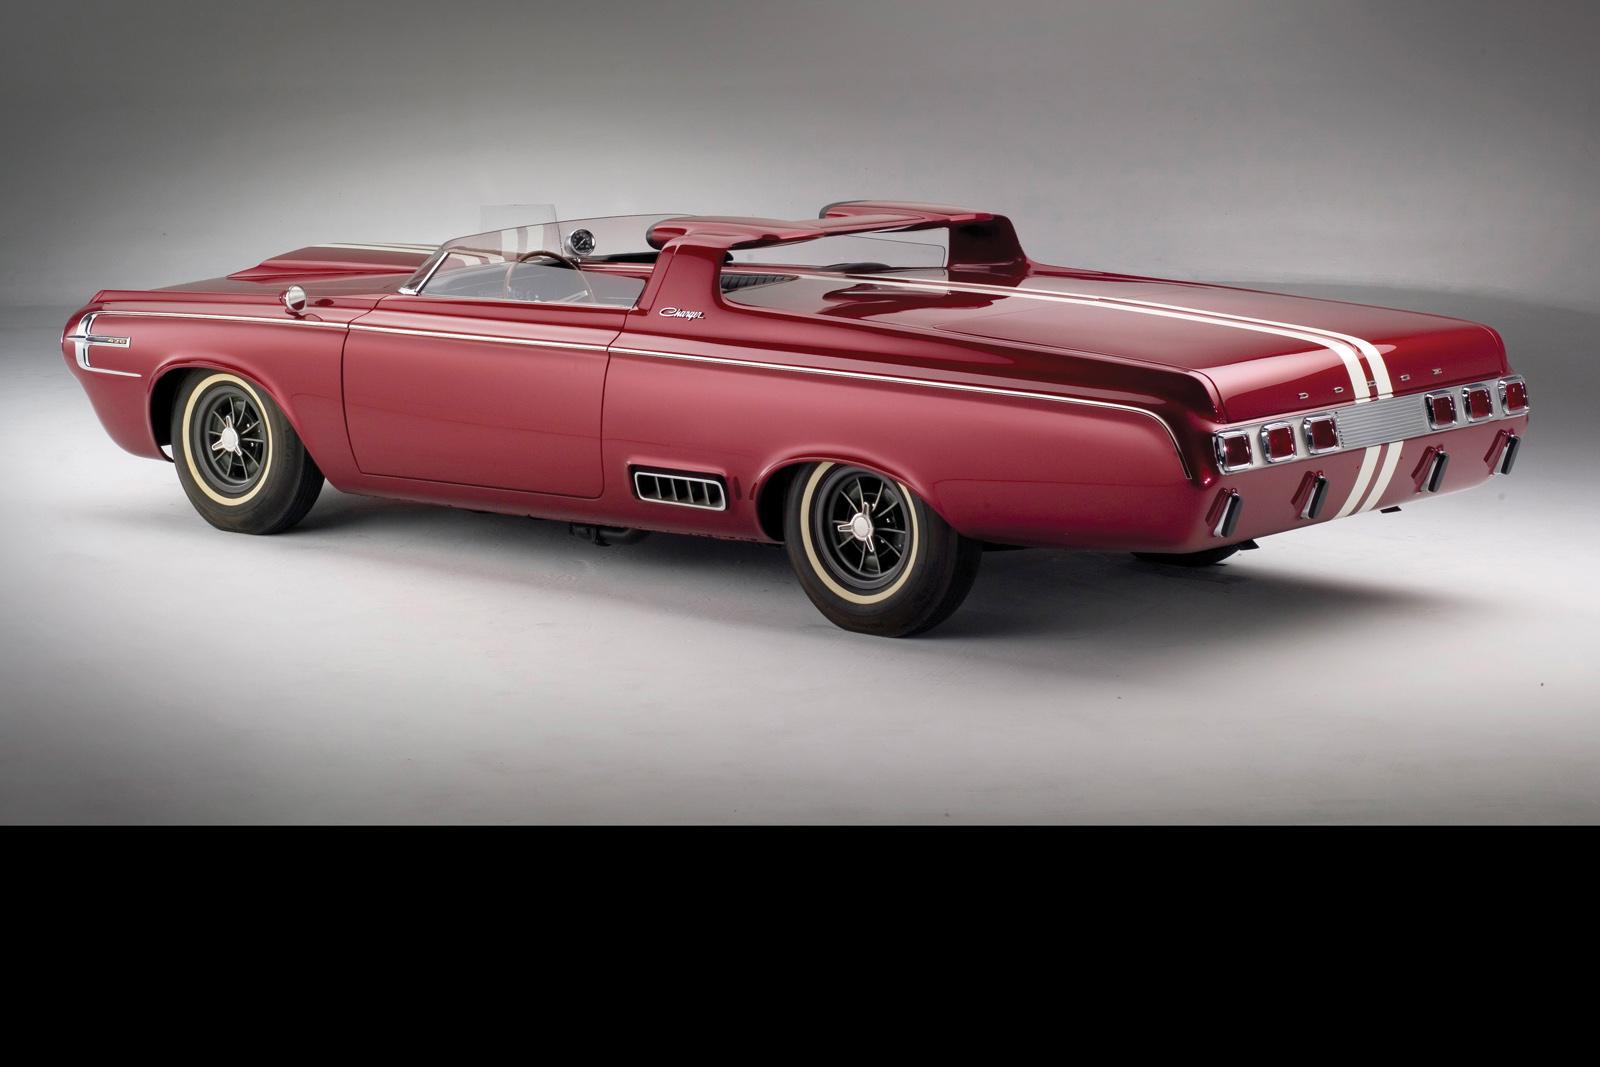 1964 Dodge Hemi Charger Concept Car For Sale - autoevolution